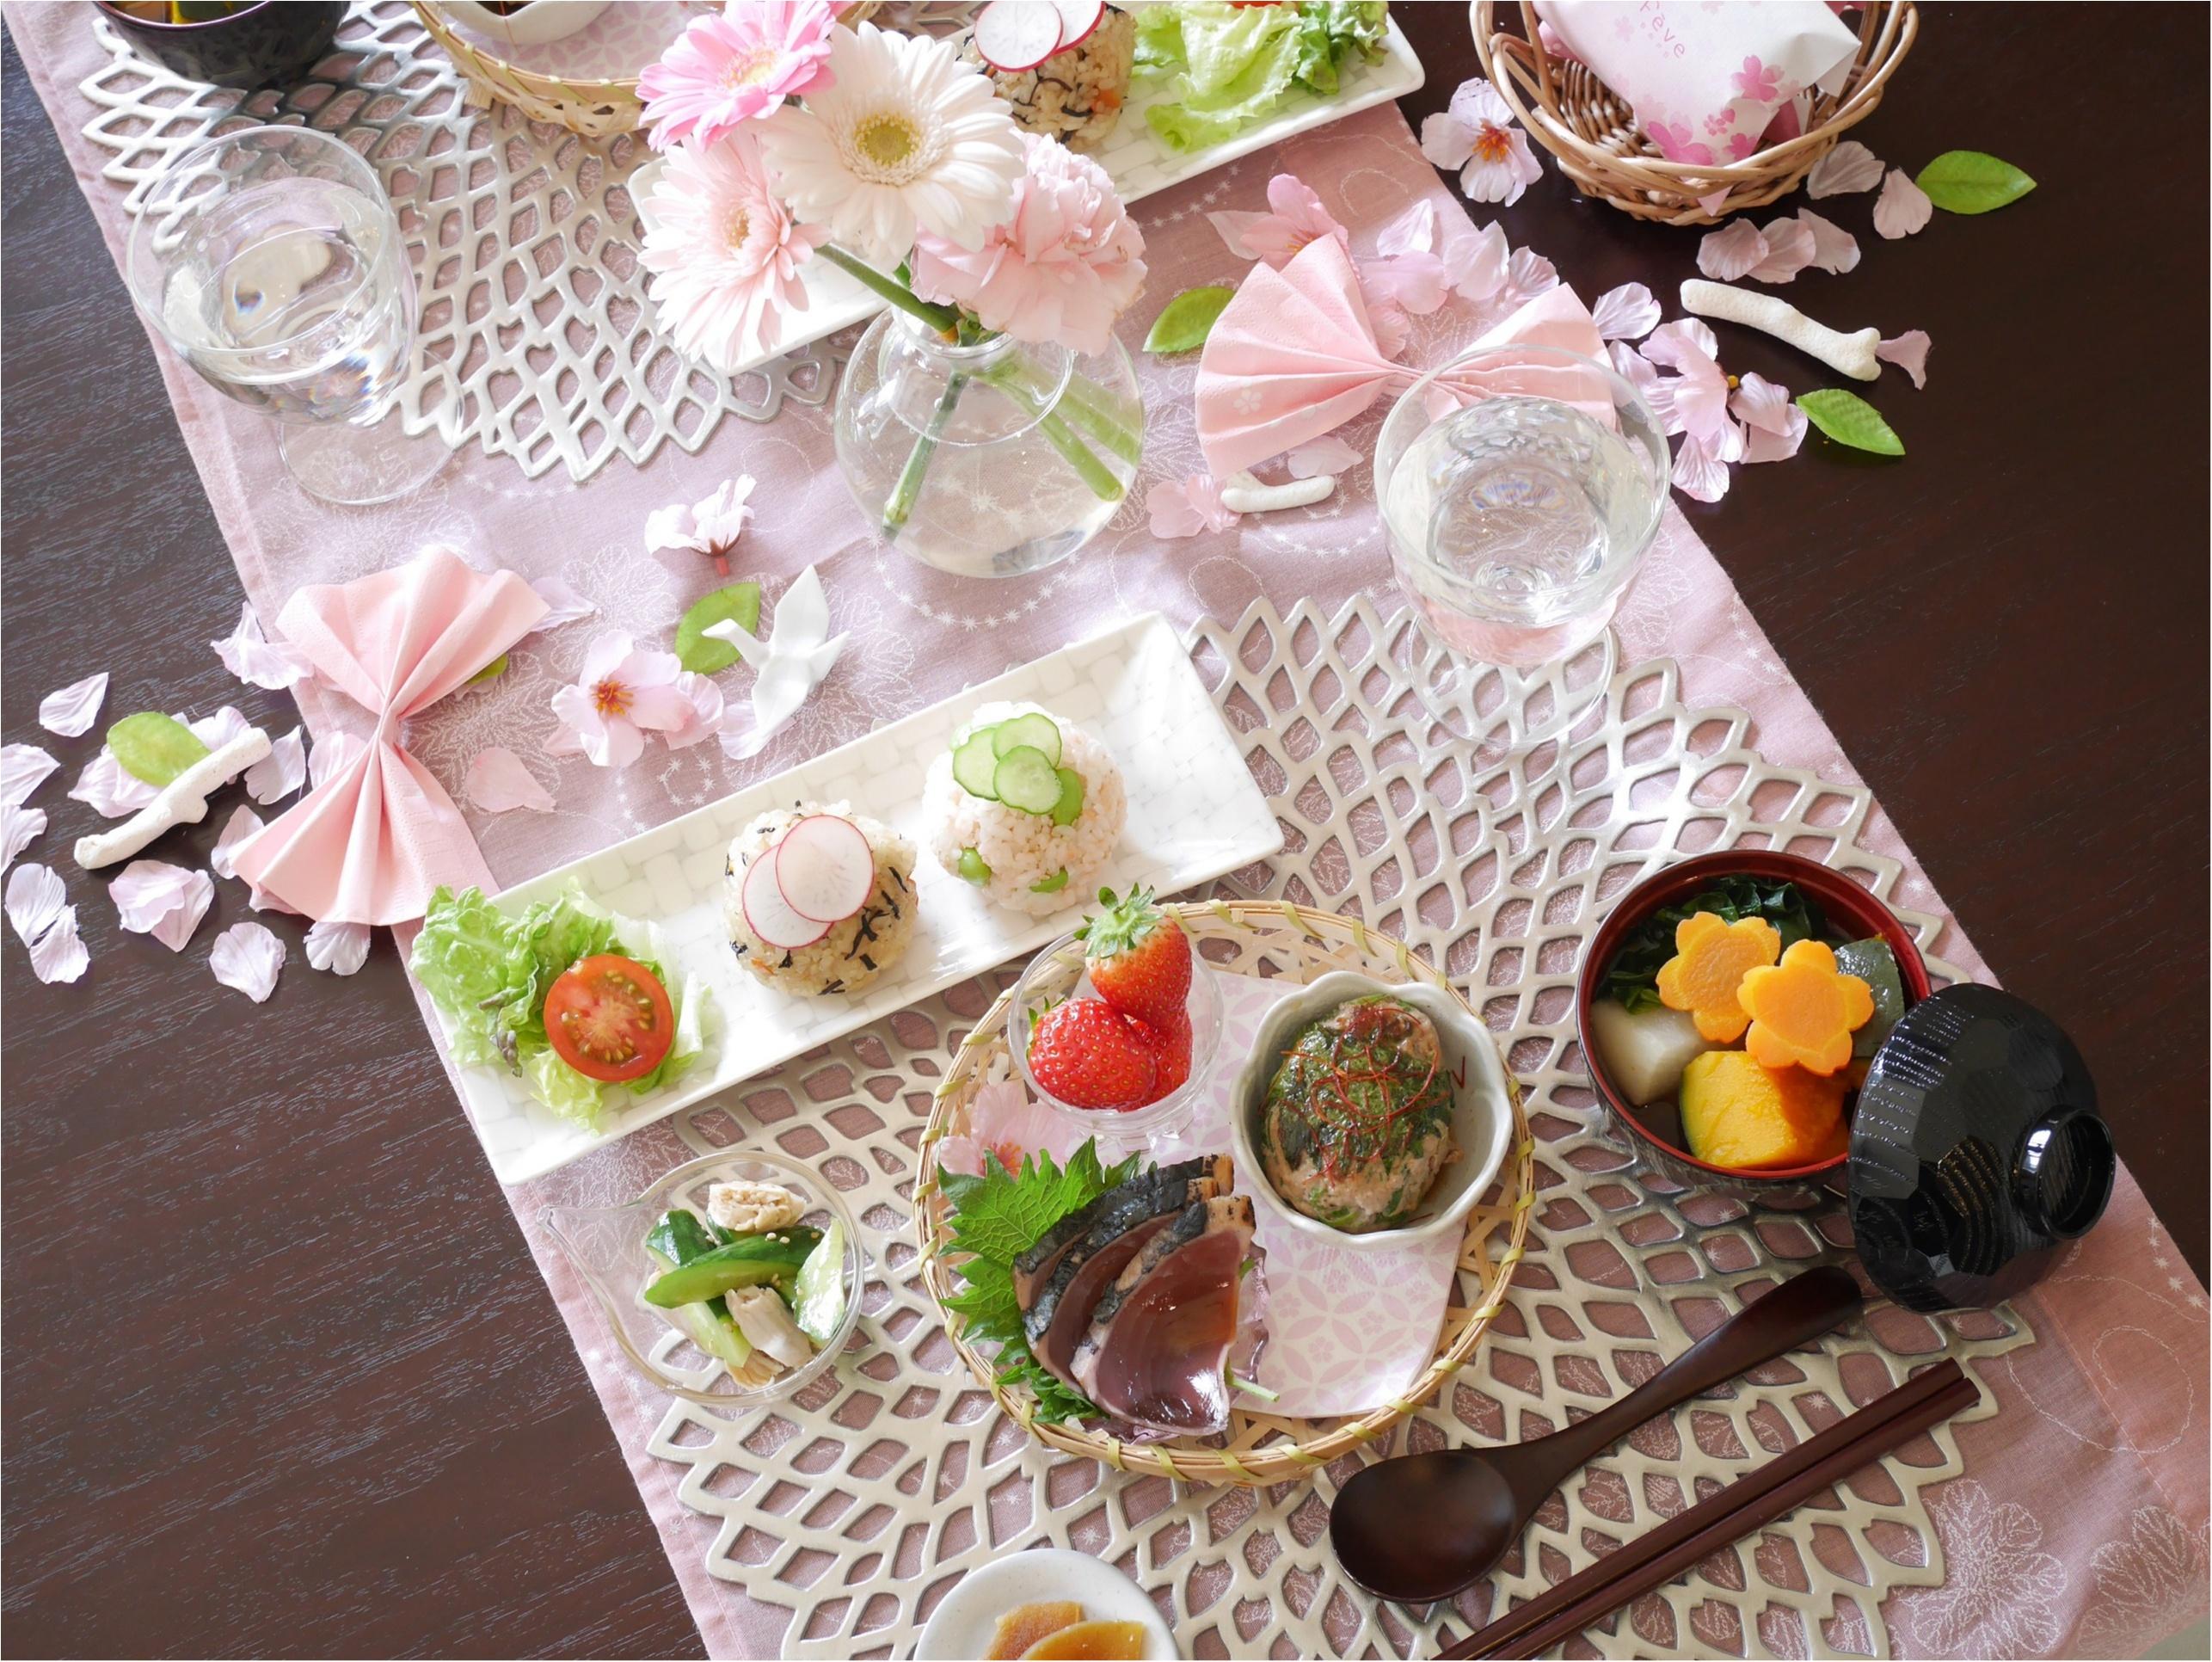 春はスグそこ!「ピンクで華やかにテーブルコーディネートして、手づくりご飯をお家で・・」_2